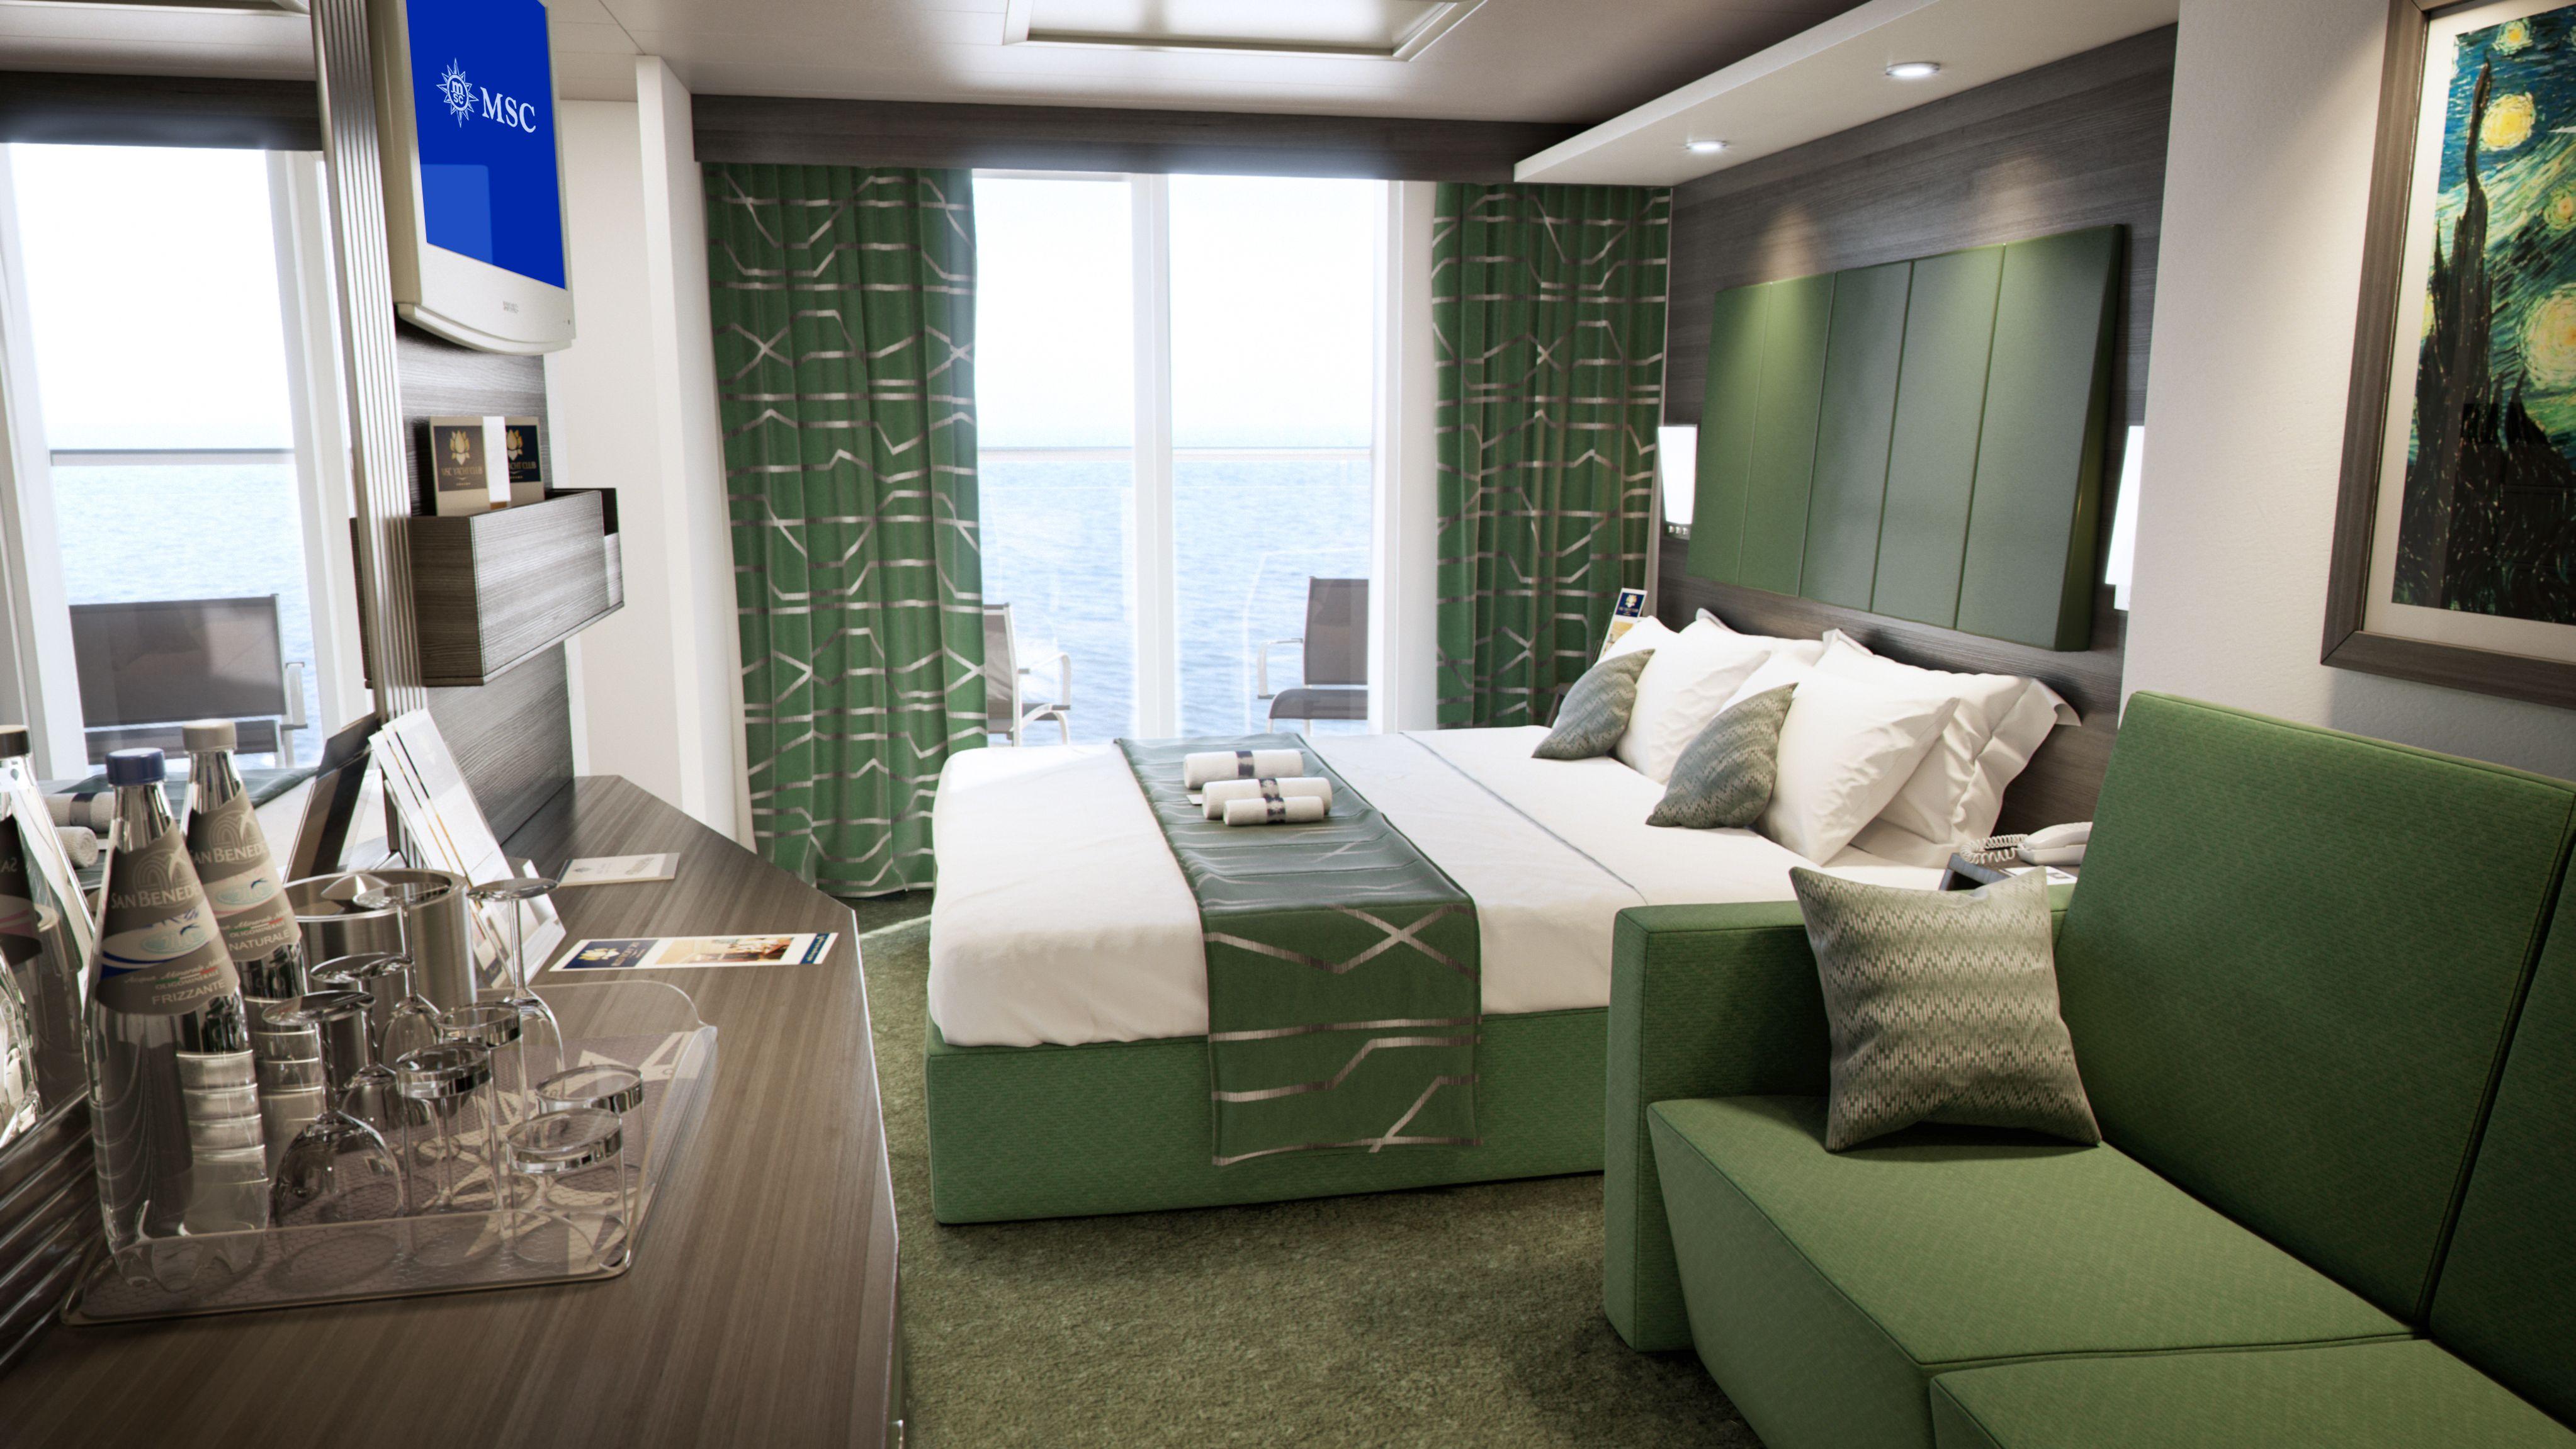 #MSCMeraviglia - 75% of cabins have a sea view. | Cruise ship